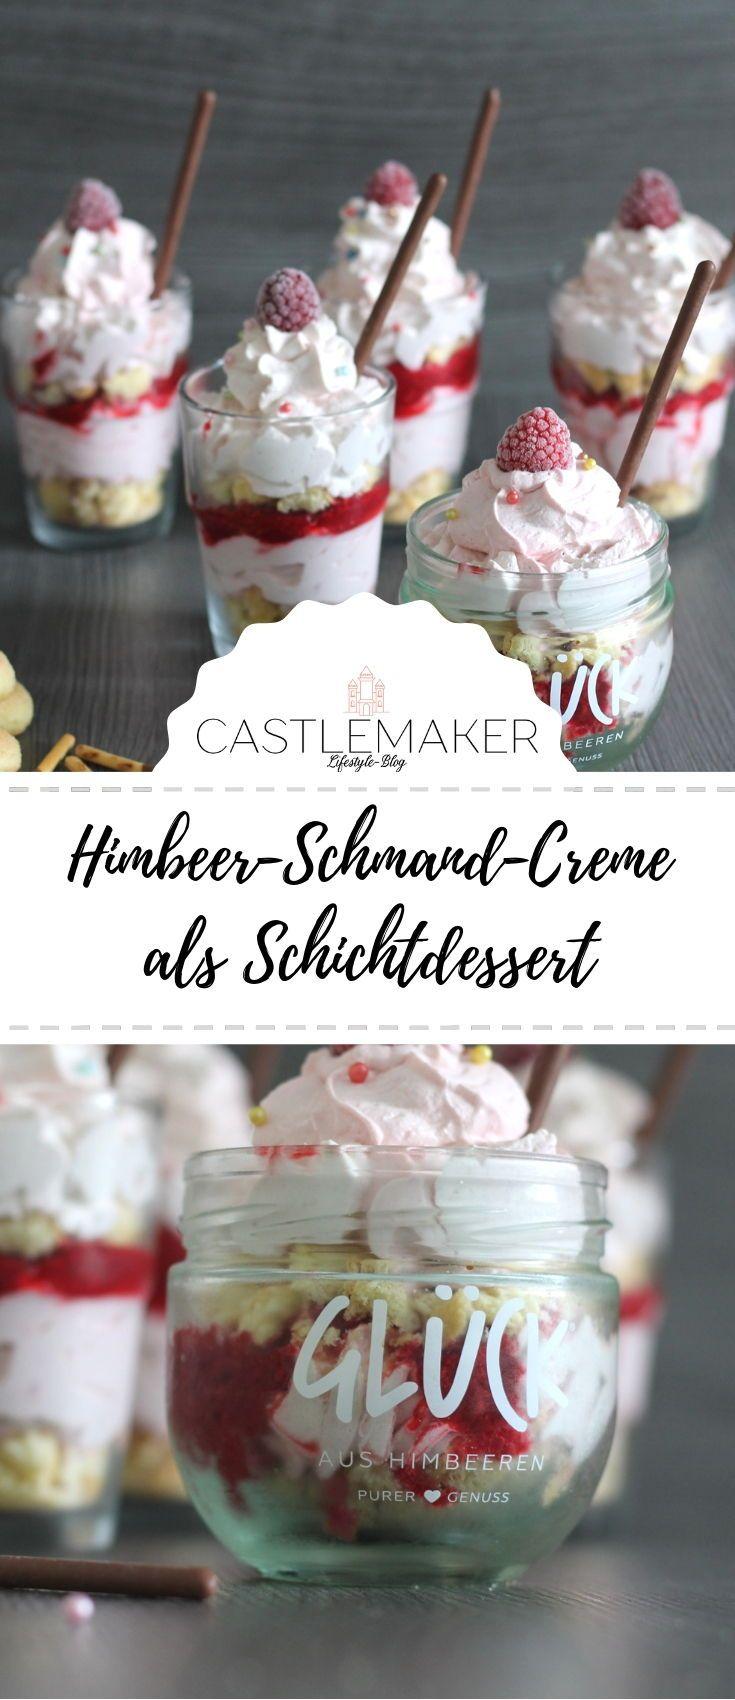 Himbeer-Schmand-Creme als Schichtdessert im Glas « CASTLEMAKER Lifestyle Blog